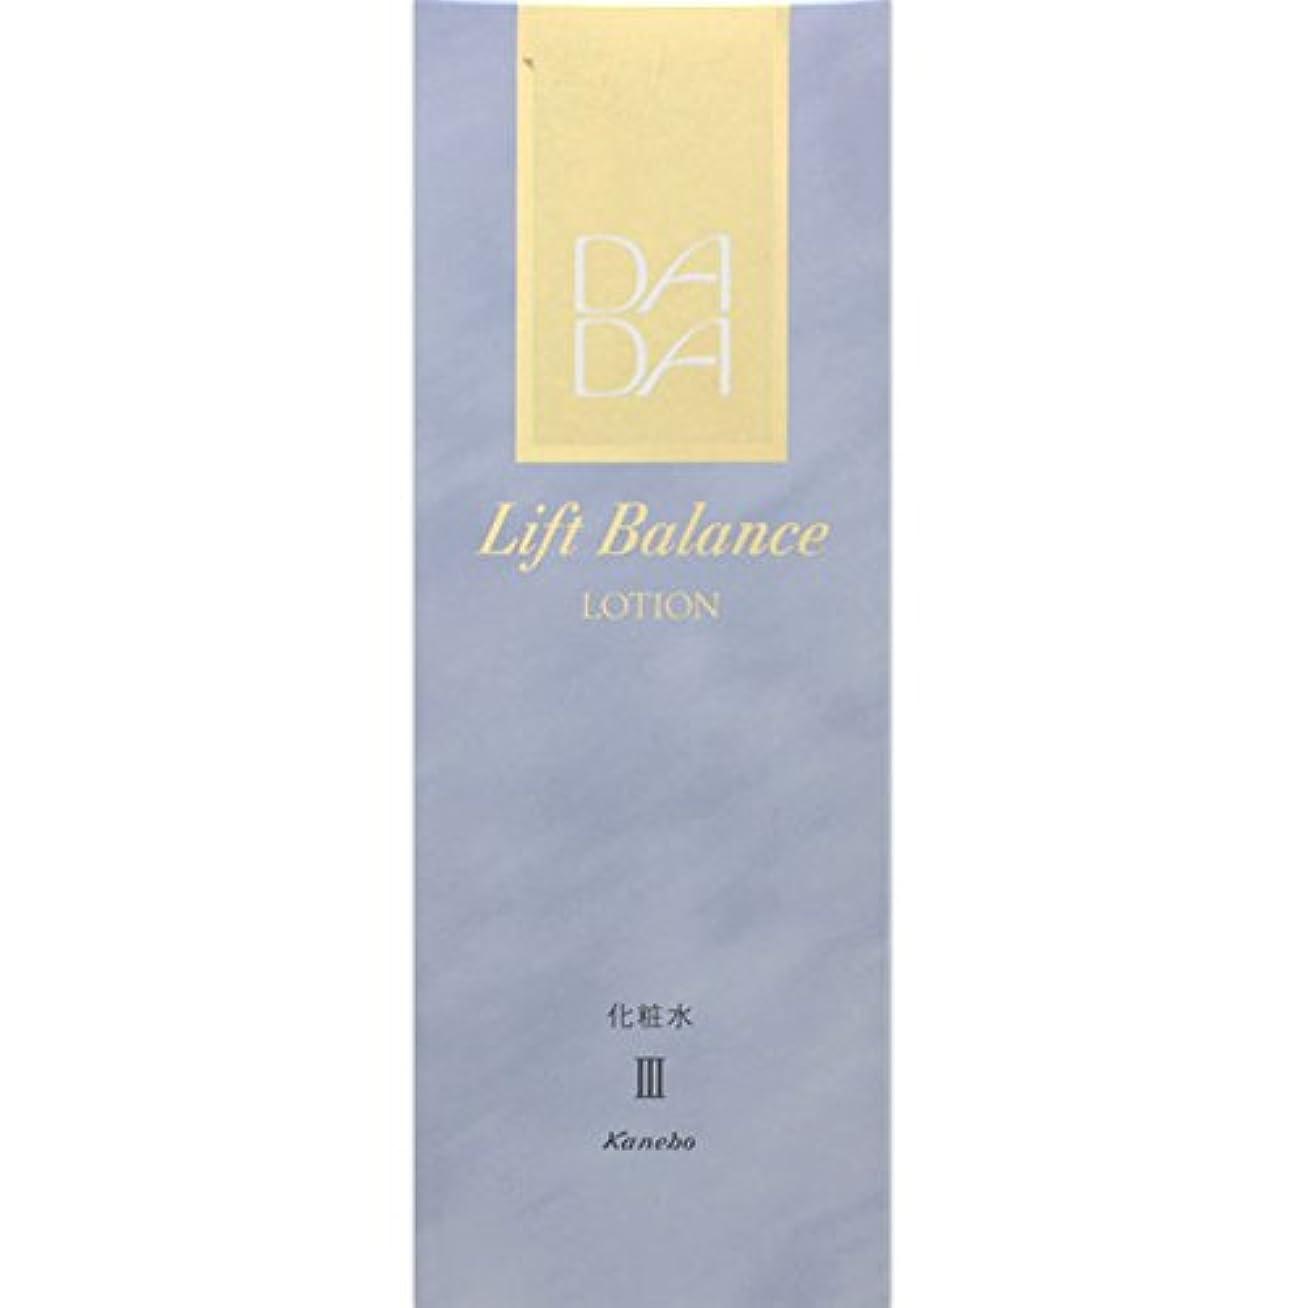 ドレイン収益平行【カネボウ】 DADA(ダダ) B15 リフトバランスローションIII しっとり 120ml